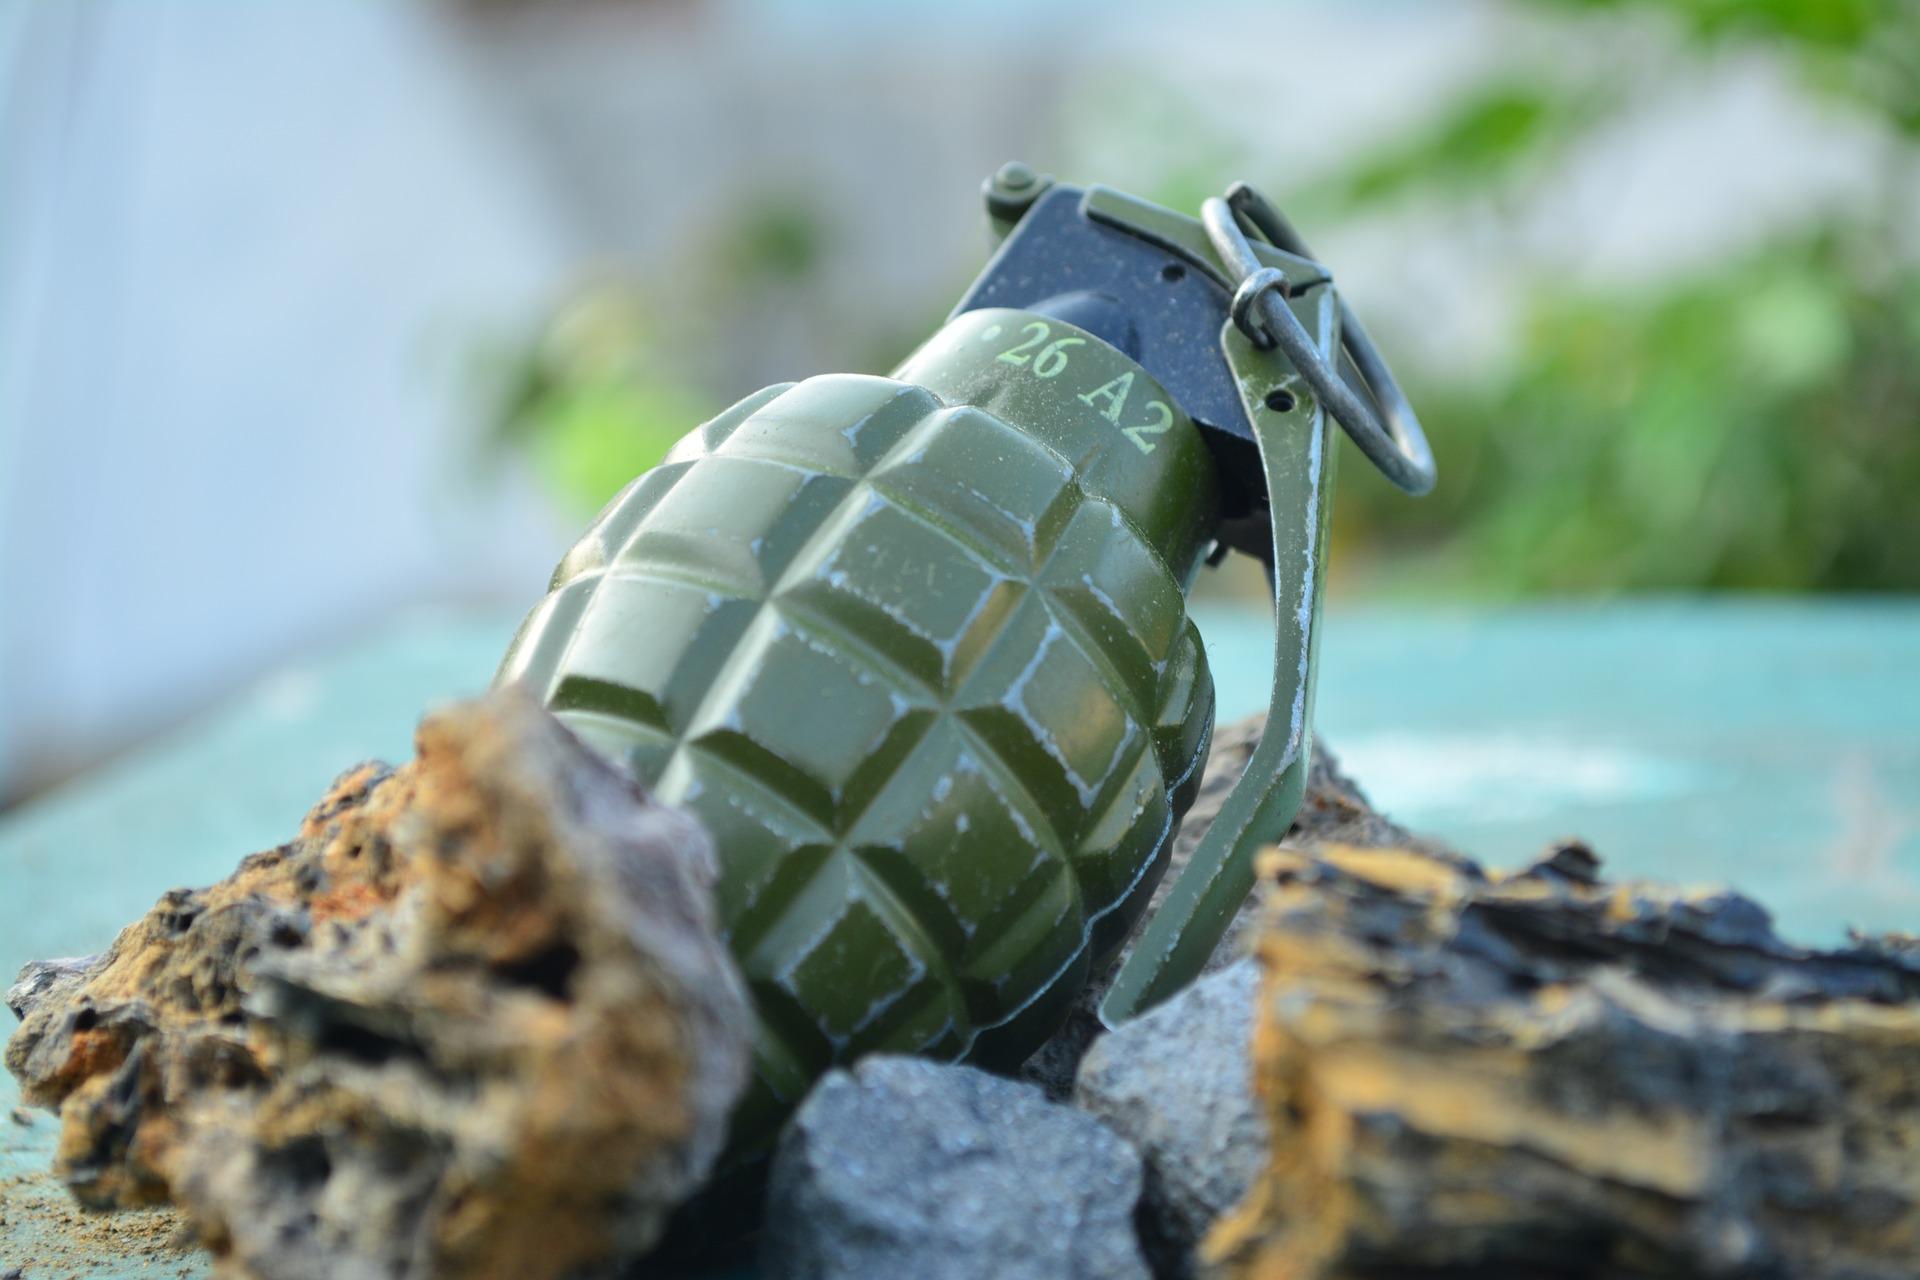 Znalazl granat i miny przeciwpiechotne